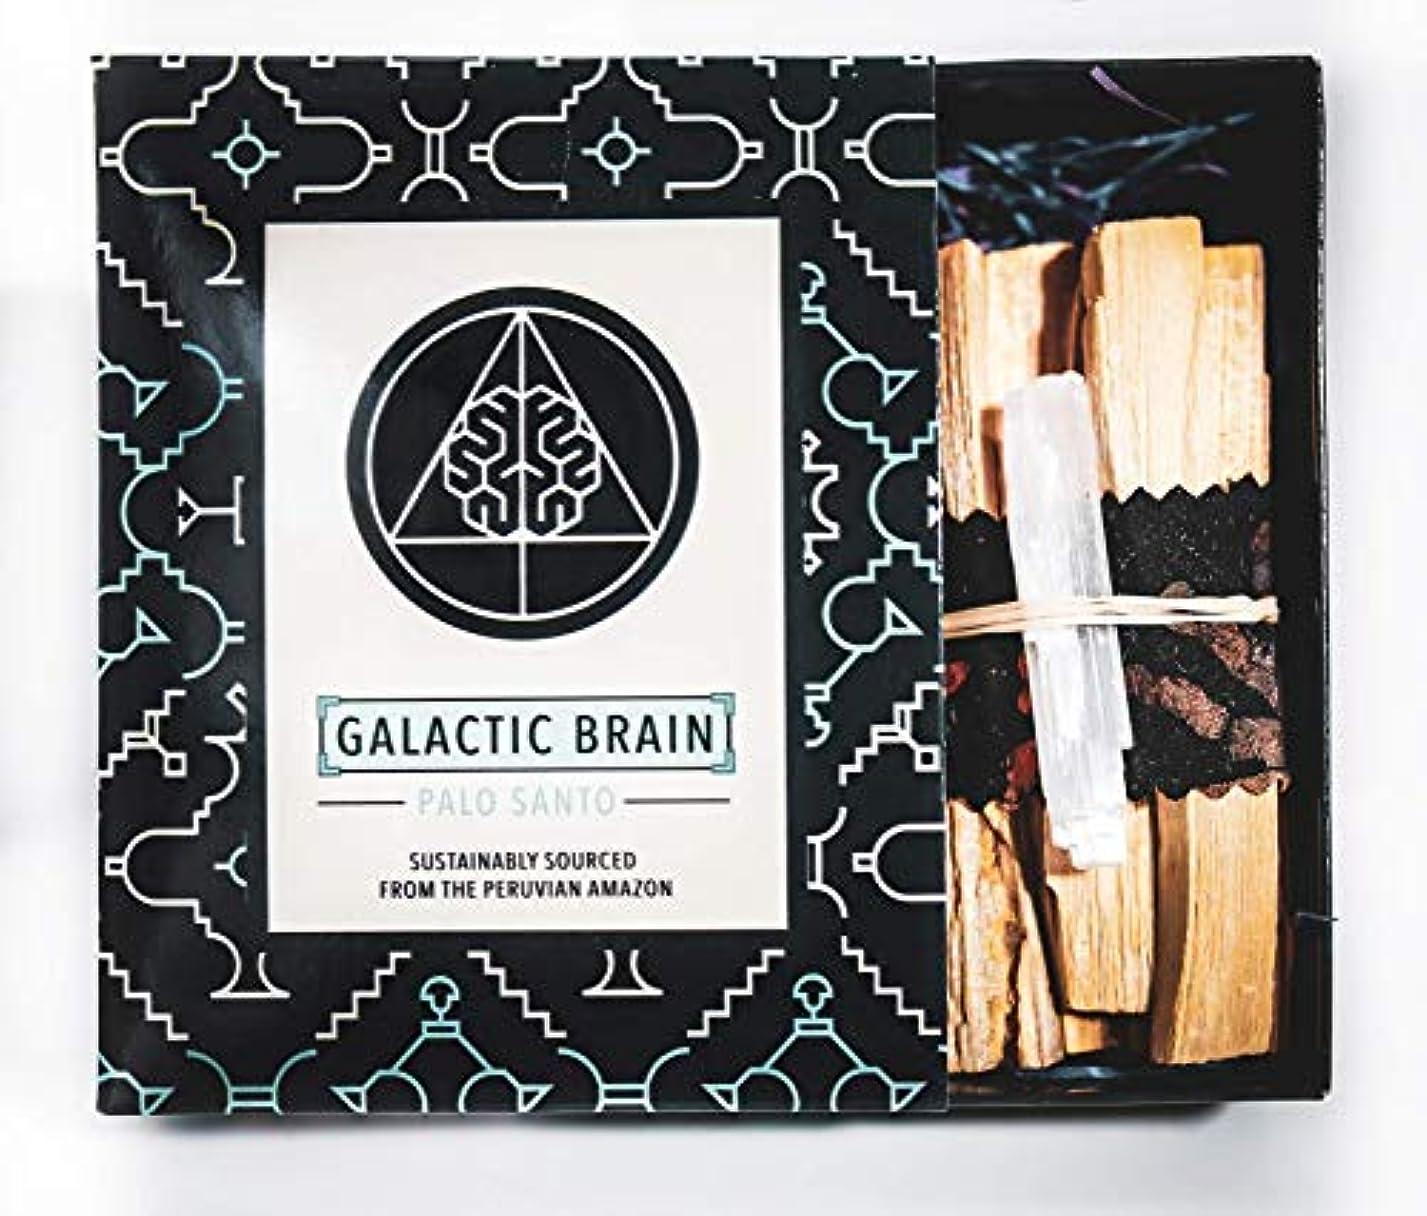 改修構築する欺GalacticBrainパロサントスマッジスティックキット ご自宅をきれいにしましょう。 瞑想/ヨガの練習を強化。 自然とつながります。 振動を上げましょう。 ギフトセット入りスマッジスティック 12本 (90g) 4インチ